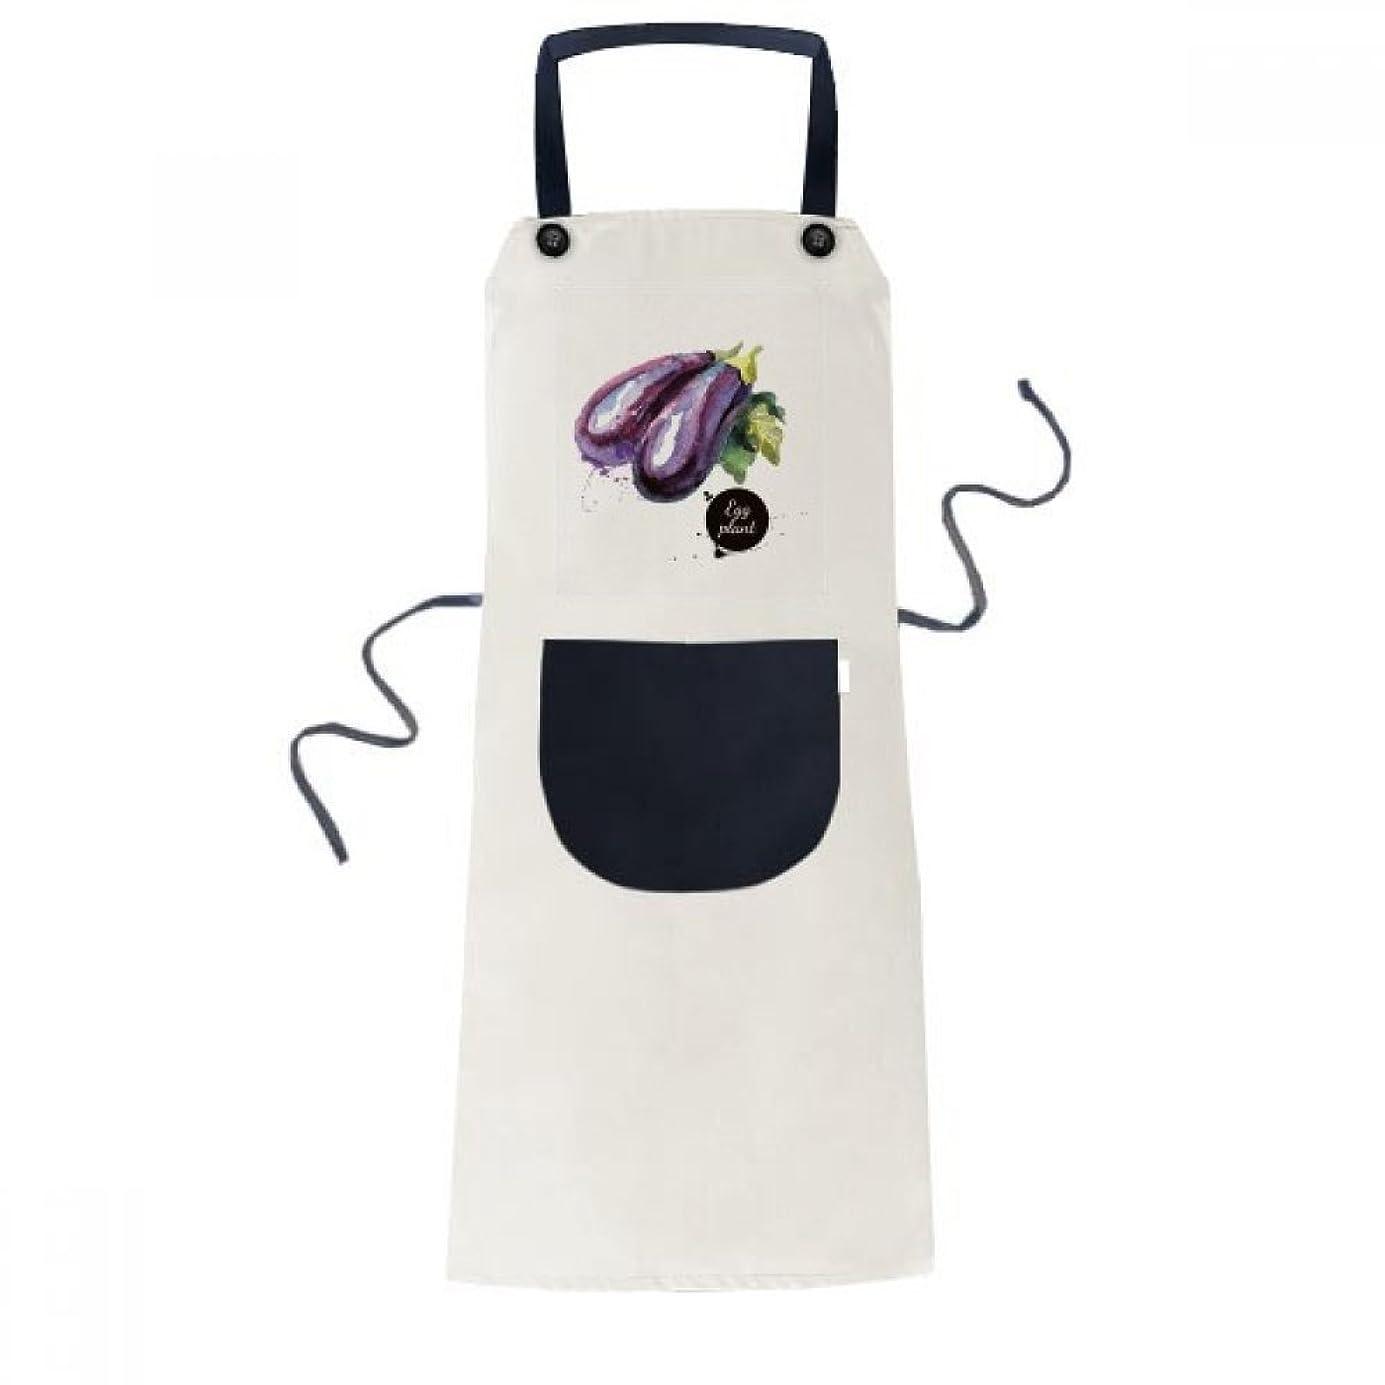 伝記強調するラッシュ茄子と野菜のおいしい健康的な水彩画 料理のキッチンベージュの調節可能な前掛けエプロンのポケットは、女性が男性のシェフ?ギフト